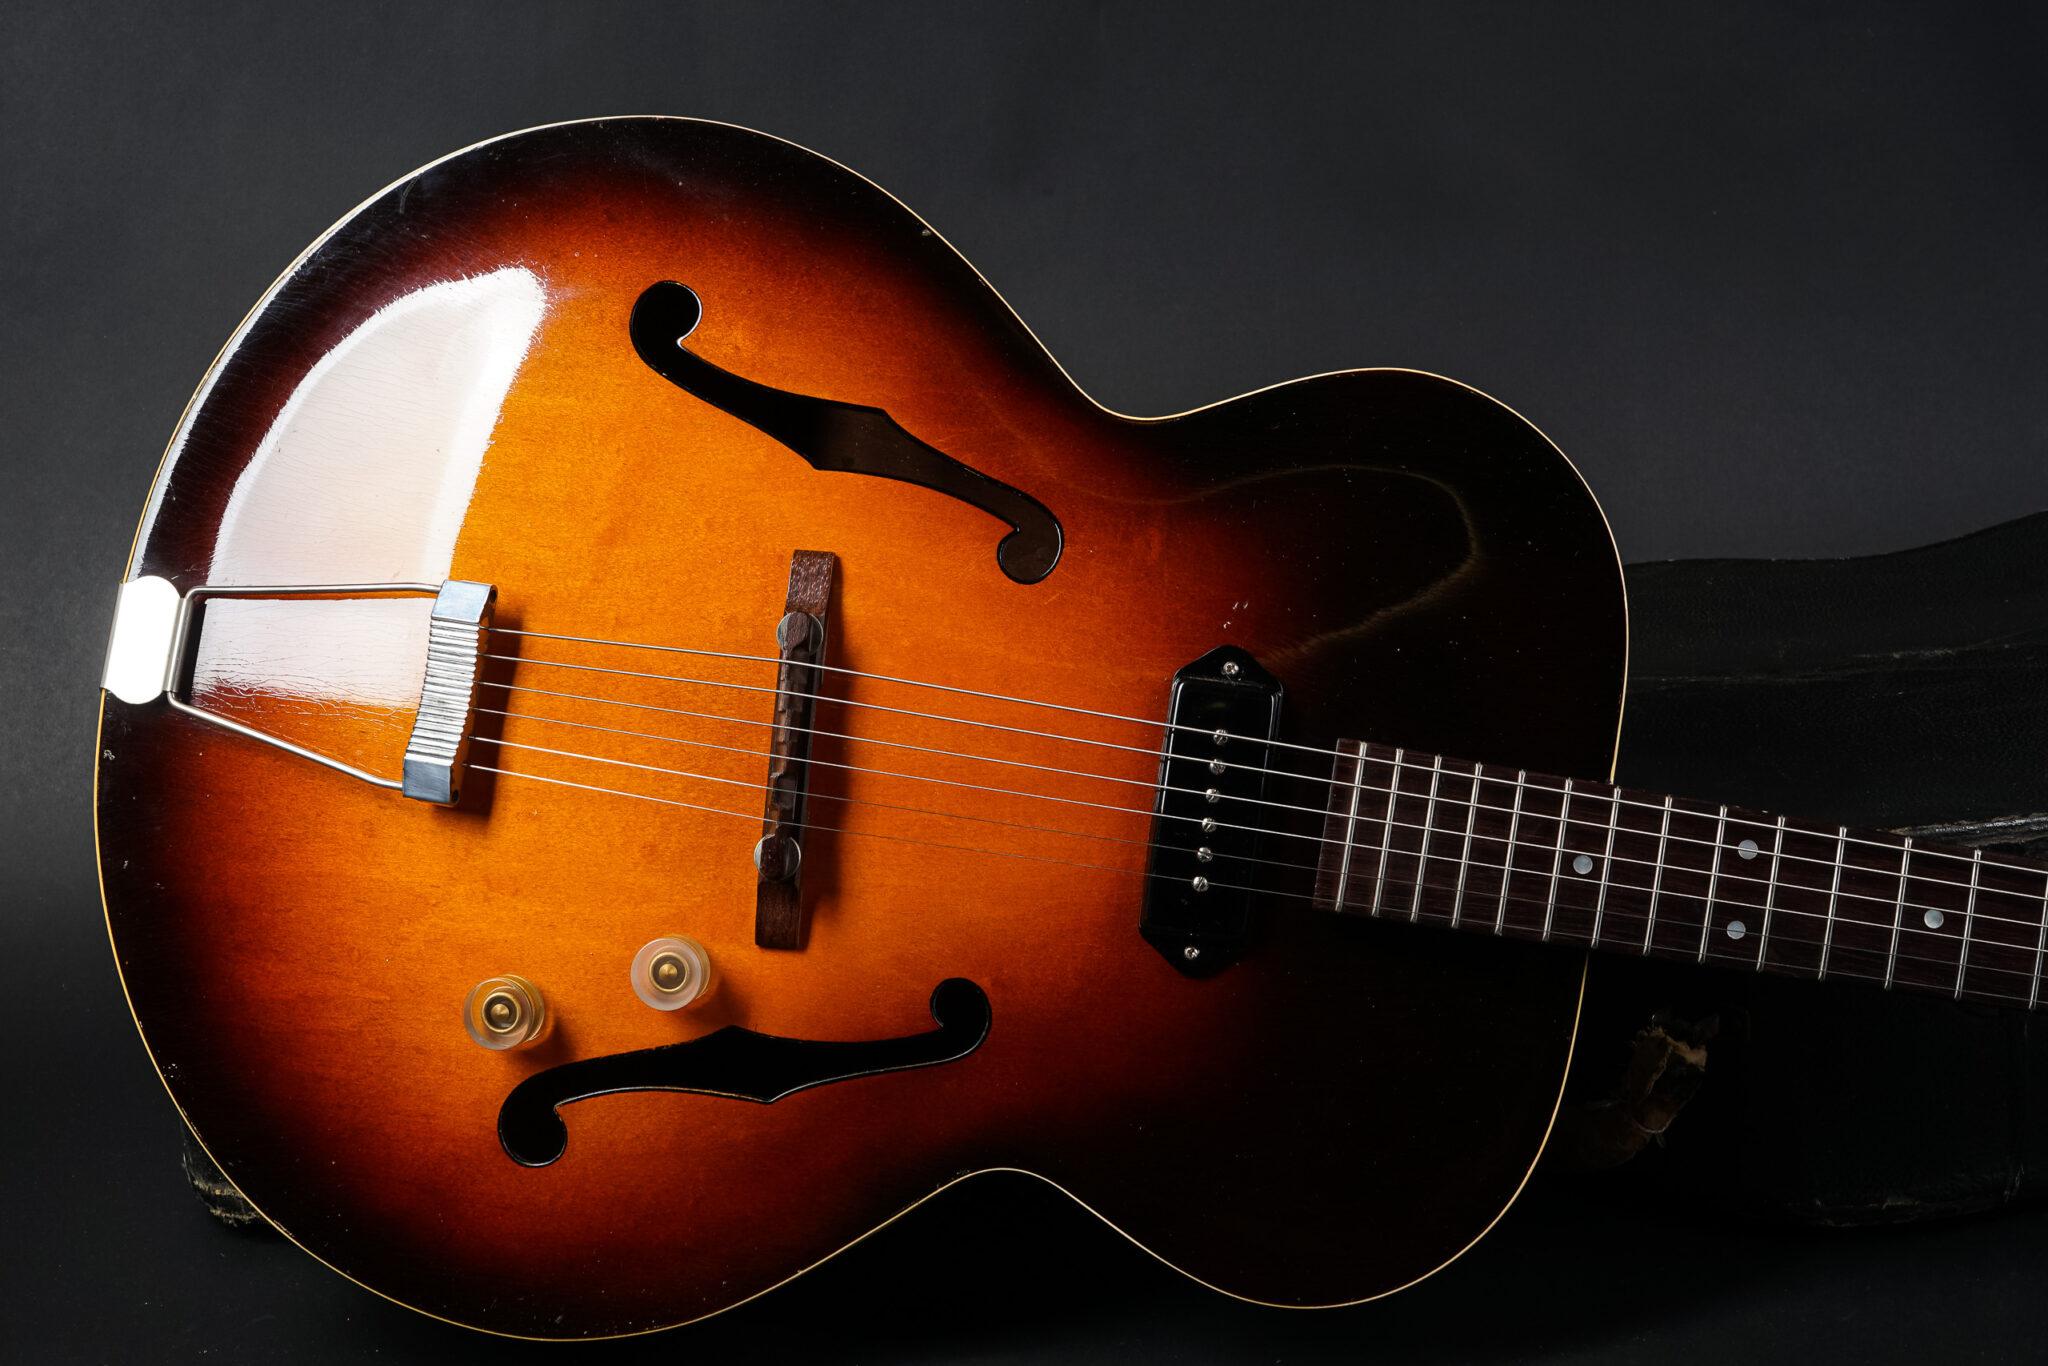 https://guitarpoint.de/app/uploads/products/1947-gibson-es-150-no-serial/1947-Gibson-ES-150-sunburst-9-2048x1366.jpg